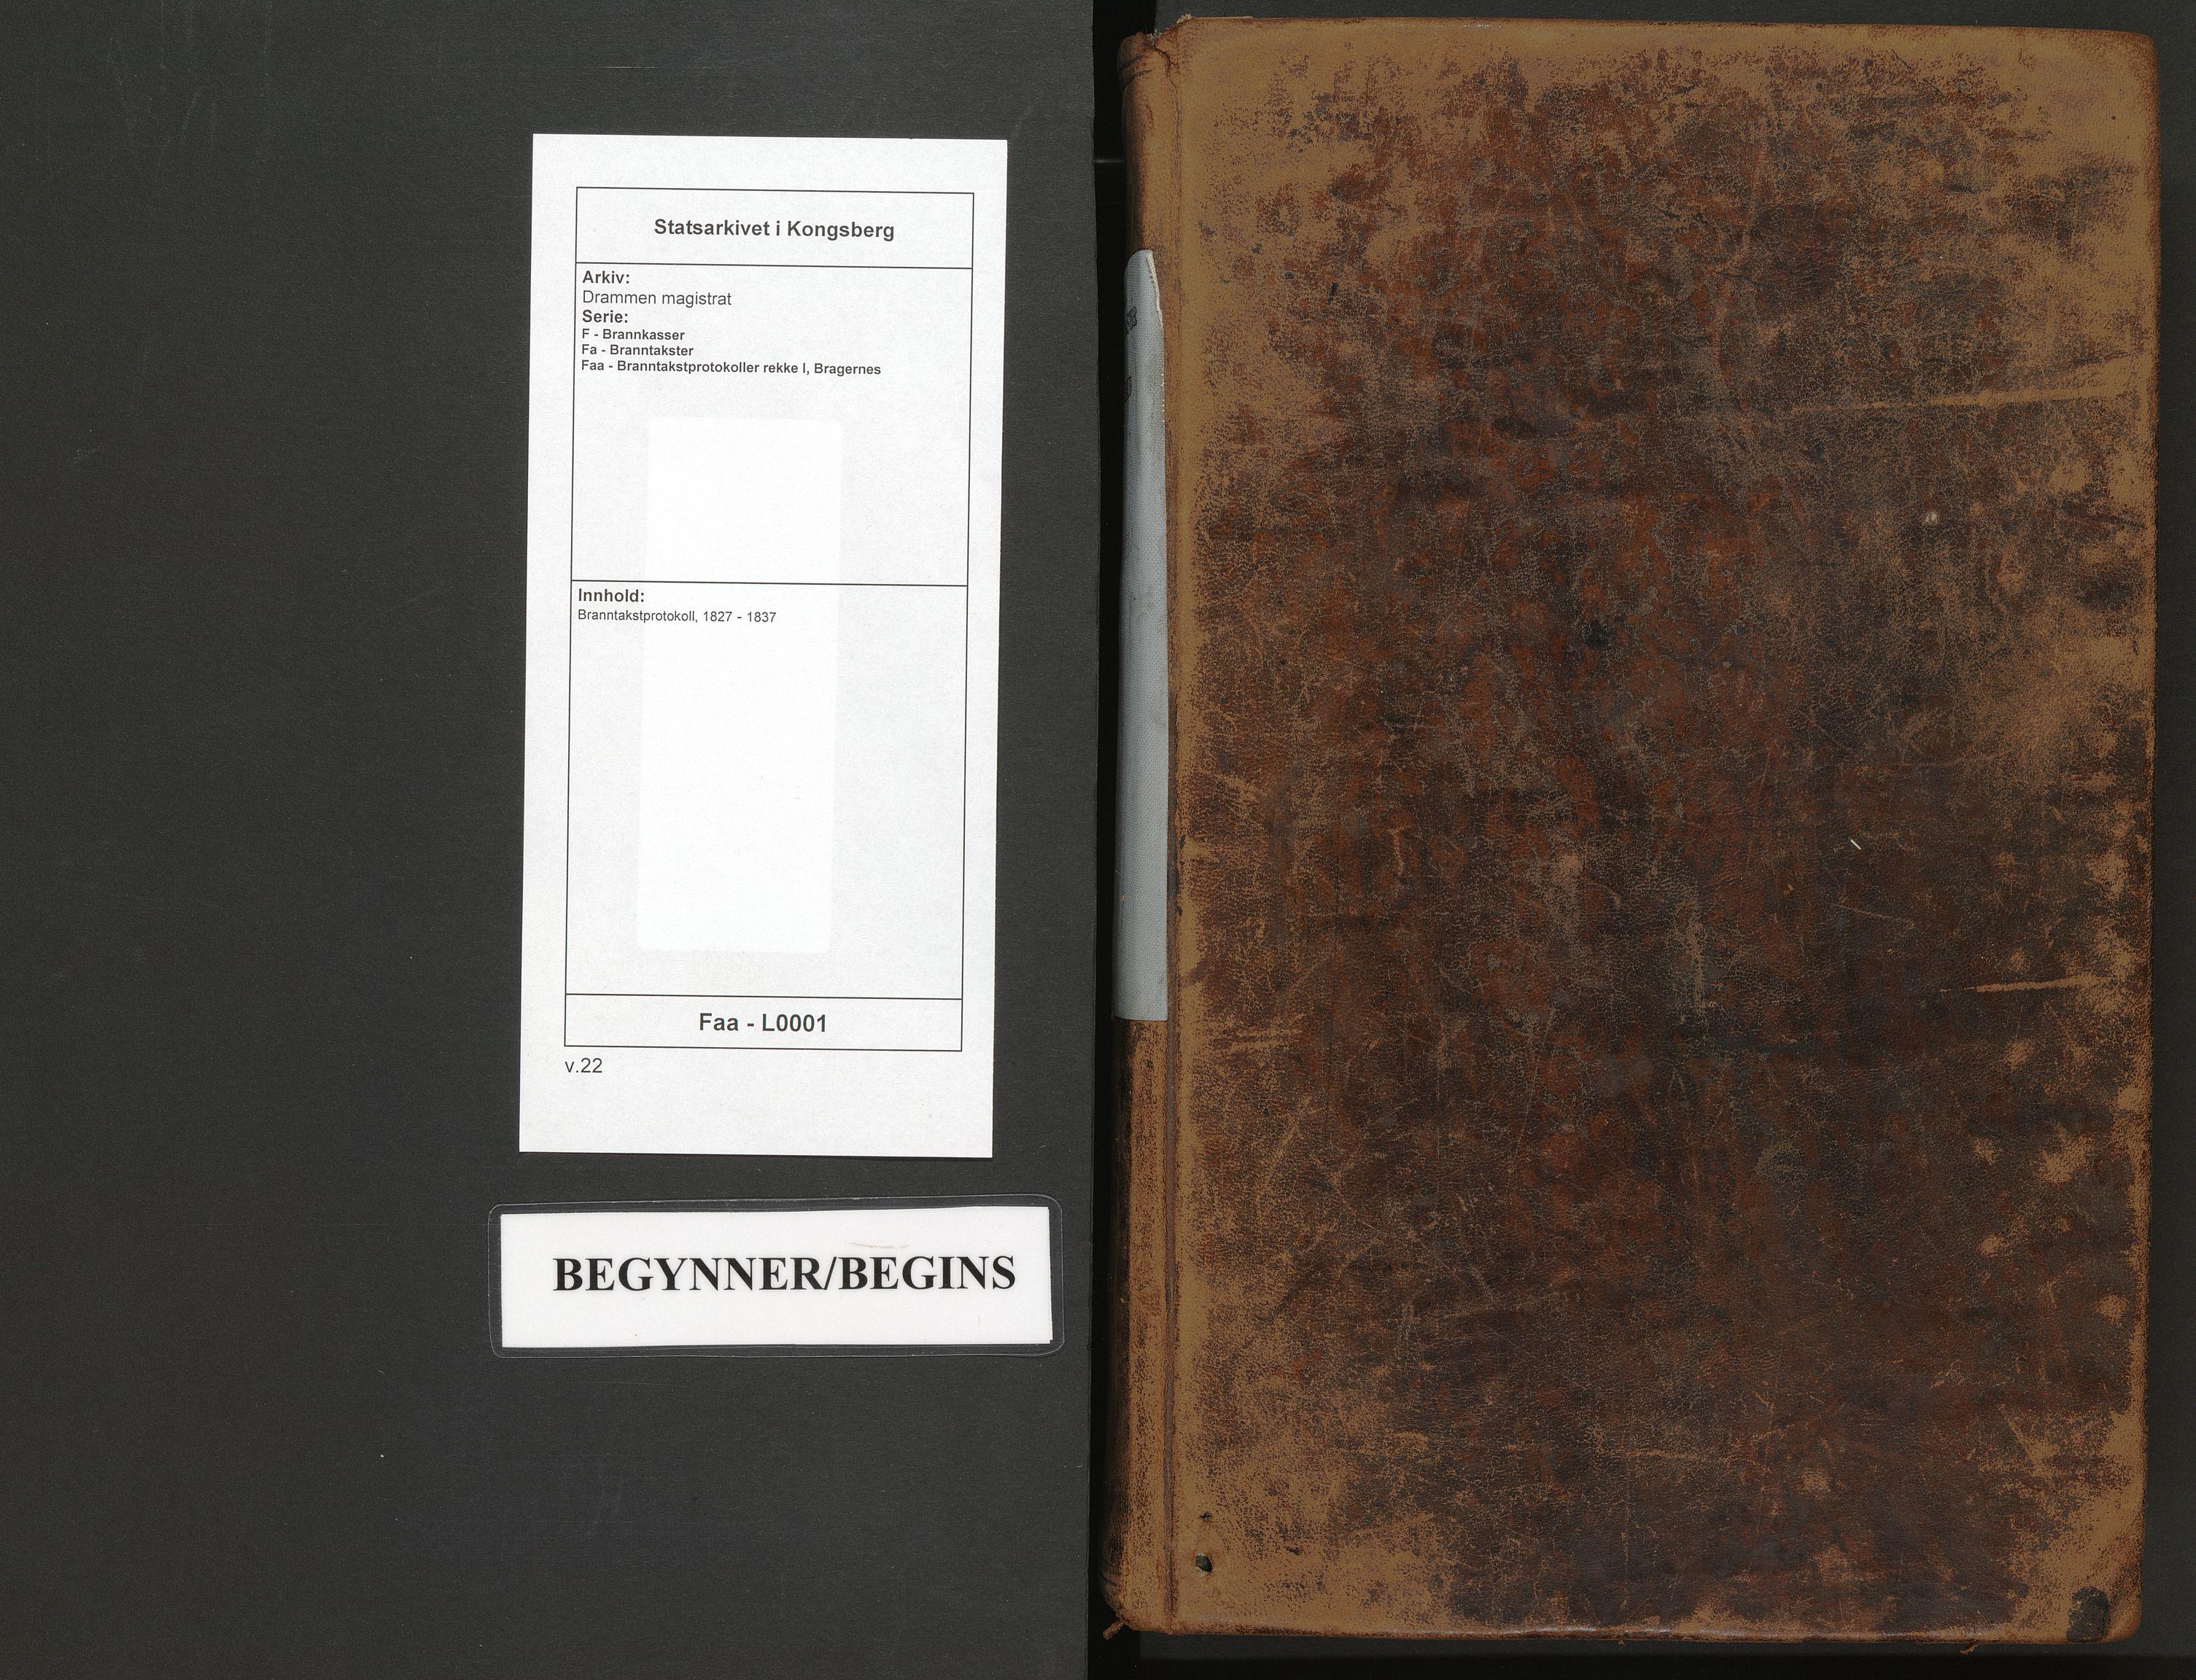 SAKO, Drammen magistrat, F/Fa/Faa/L0001: Branntakstprotokoll, 1827-1837